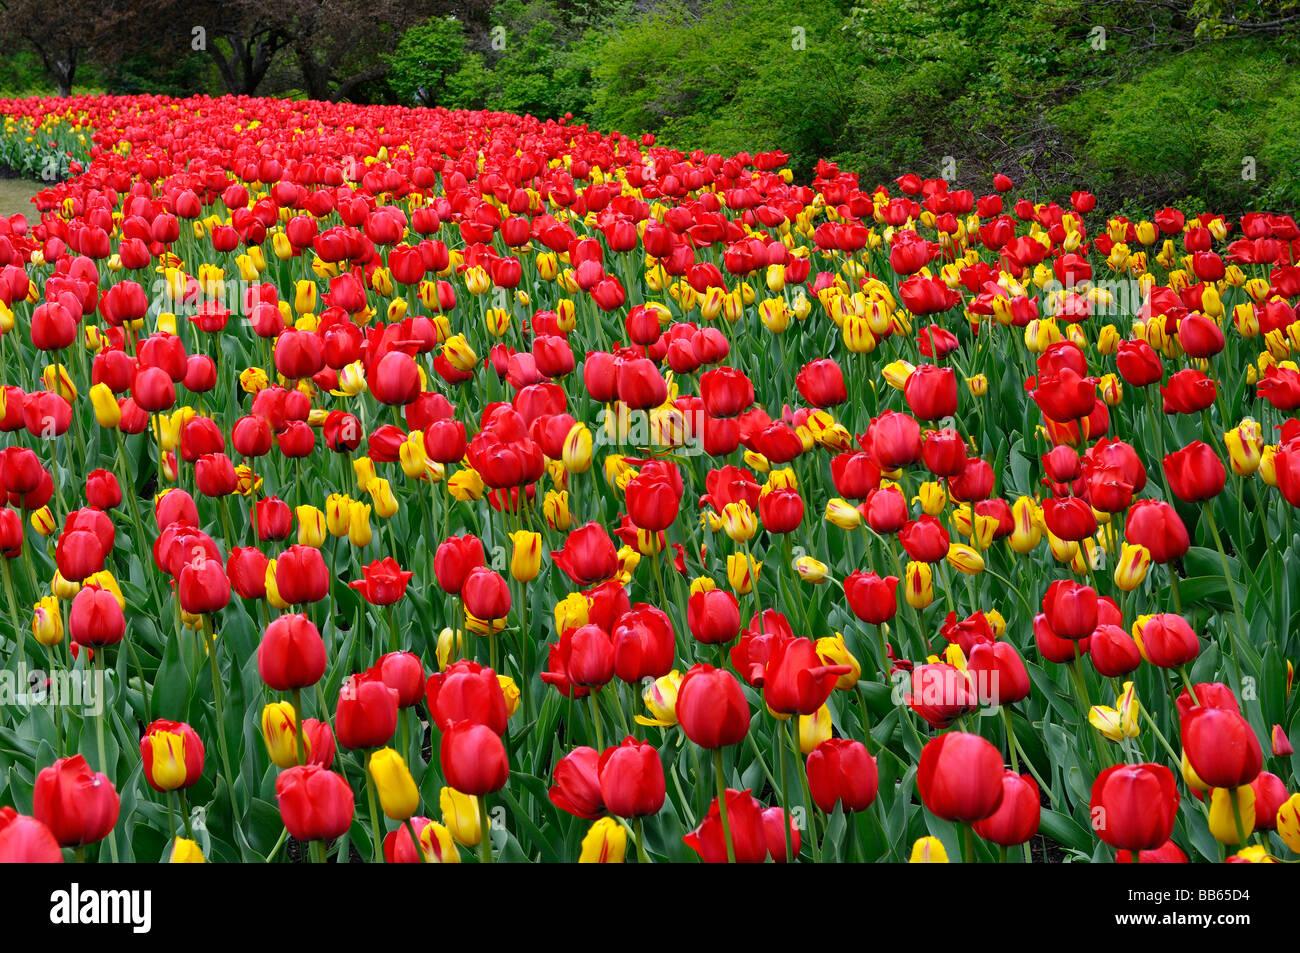 Lit de jardin panoramique de l'impression rouge et jaune tulipes de Washington au festival des tulipes d'Ottawa Photo Stock